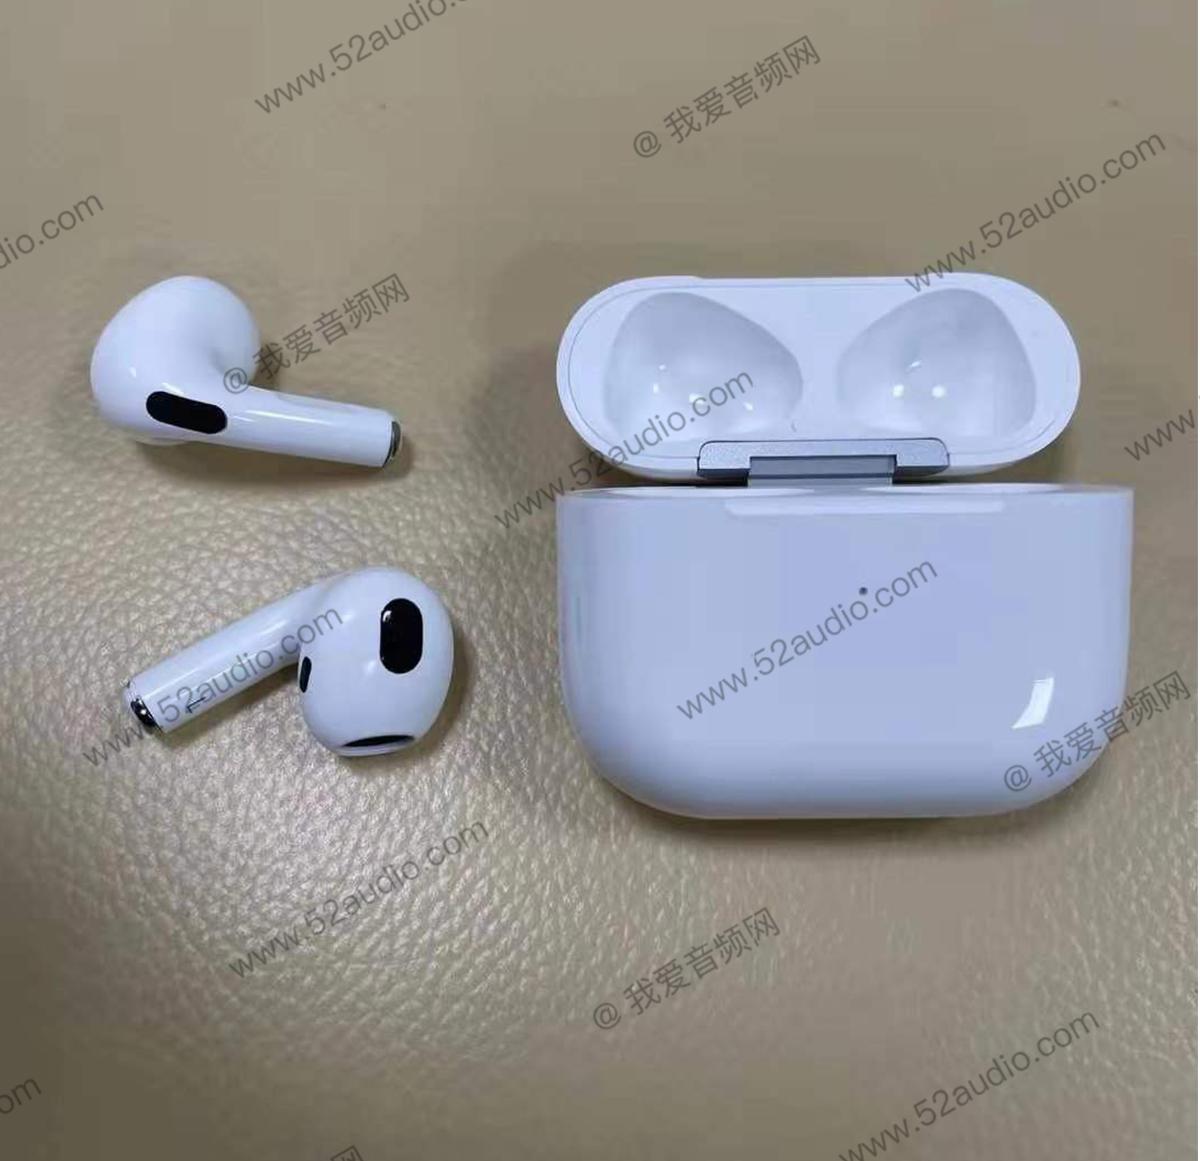 AppleTrack: Беспроводные наушники Apple AirPods 3 покажут на следующей неделе